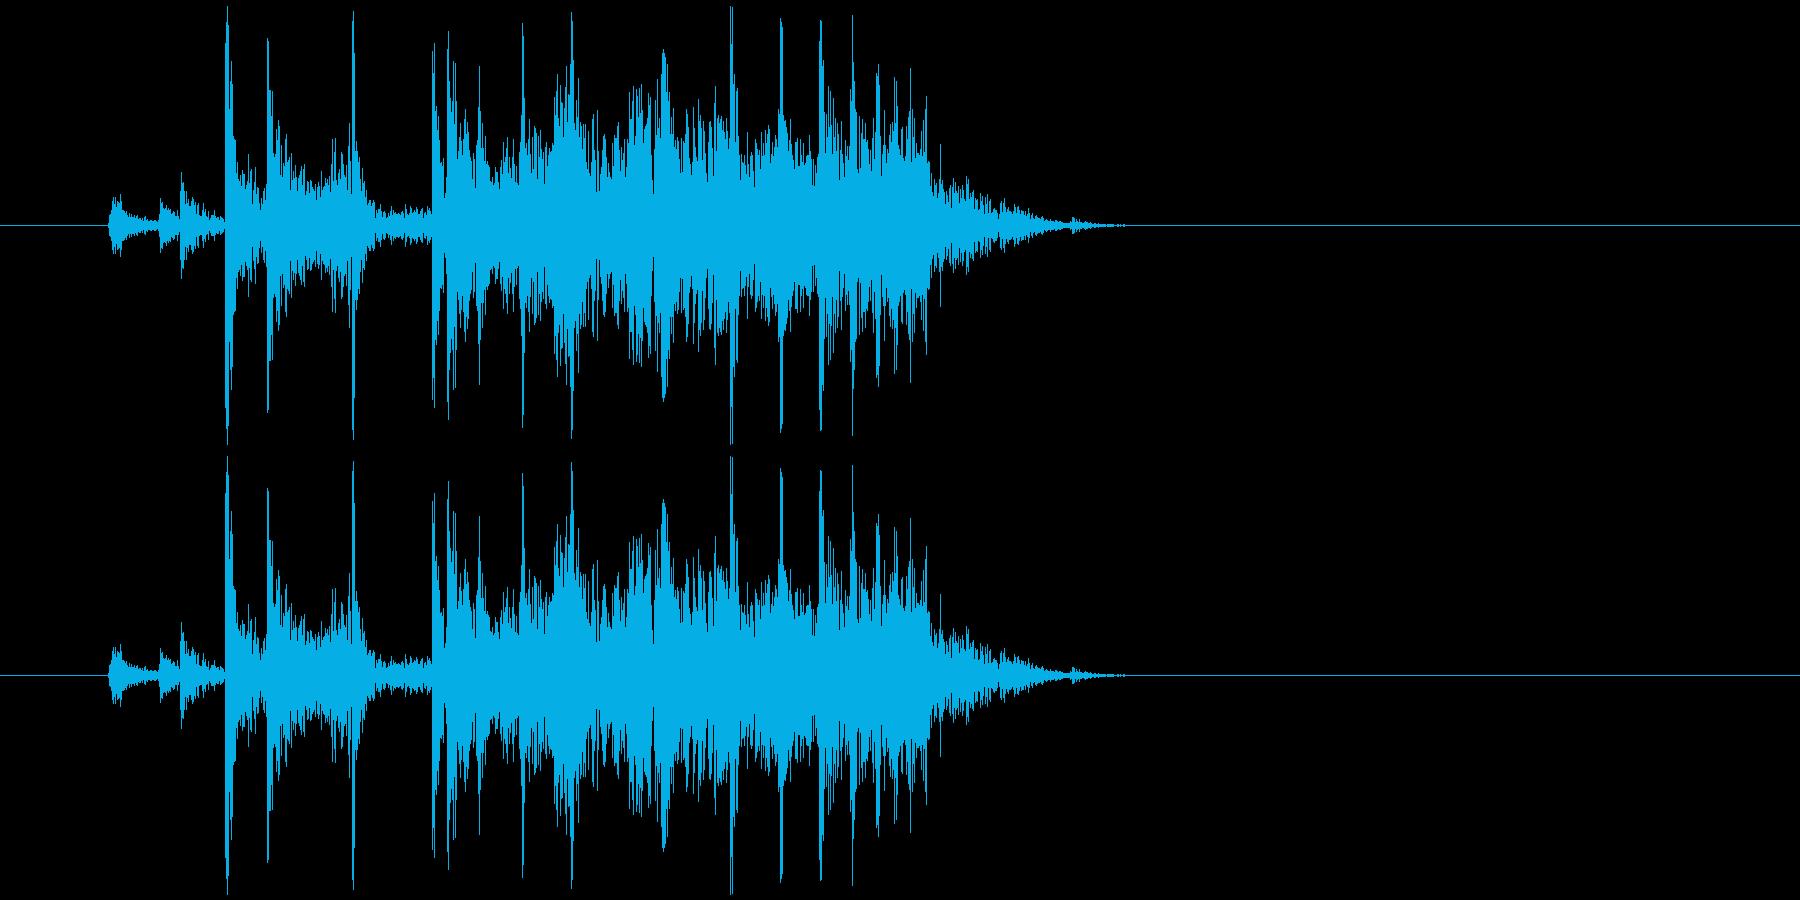 (カラン)空き缶を転がす音の再生済みの波形